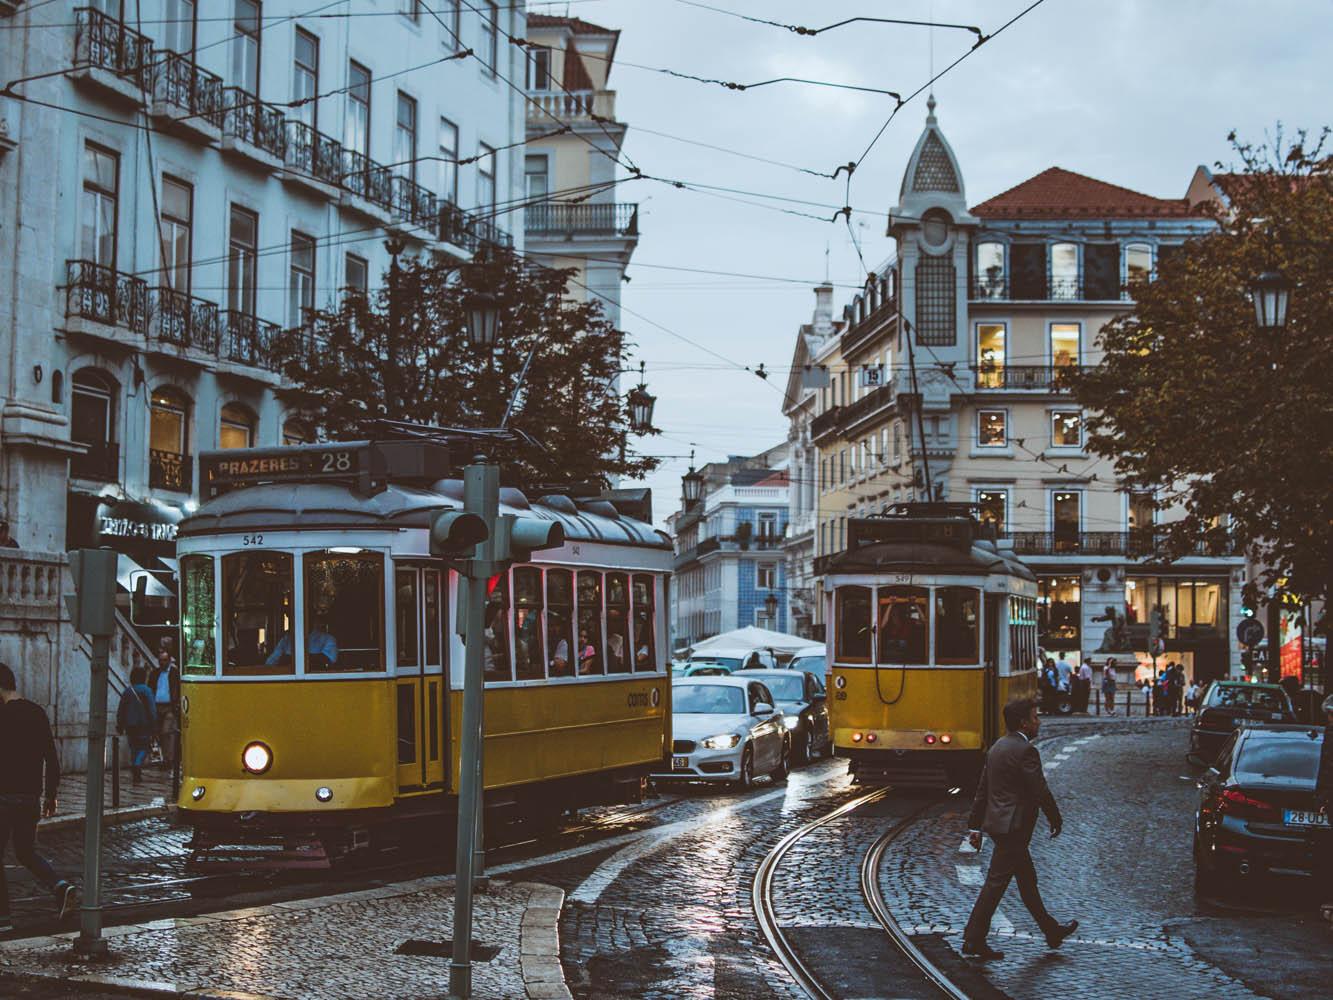 Φθηνοί προορισμοί στην Ευρώπη-Πορτογαλία